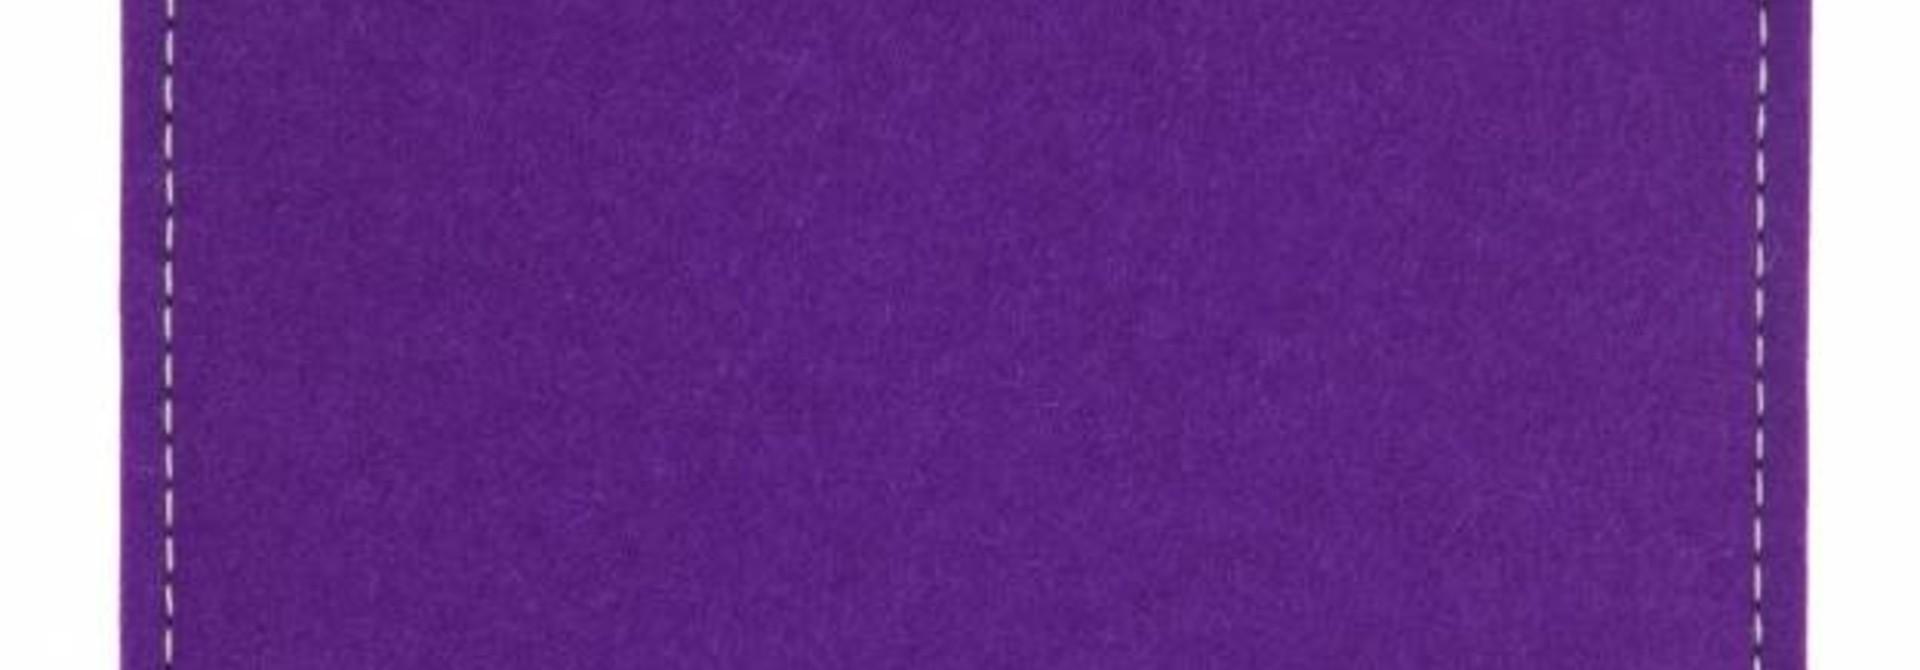 Iconia Sleeve Purple